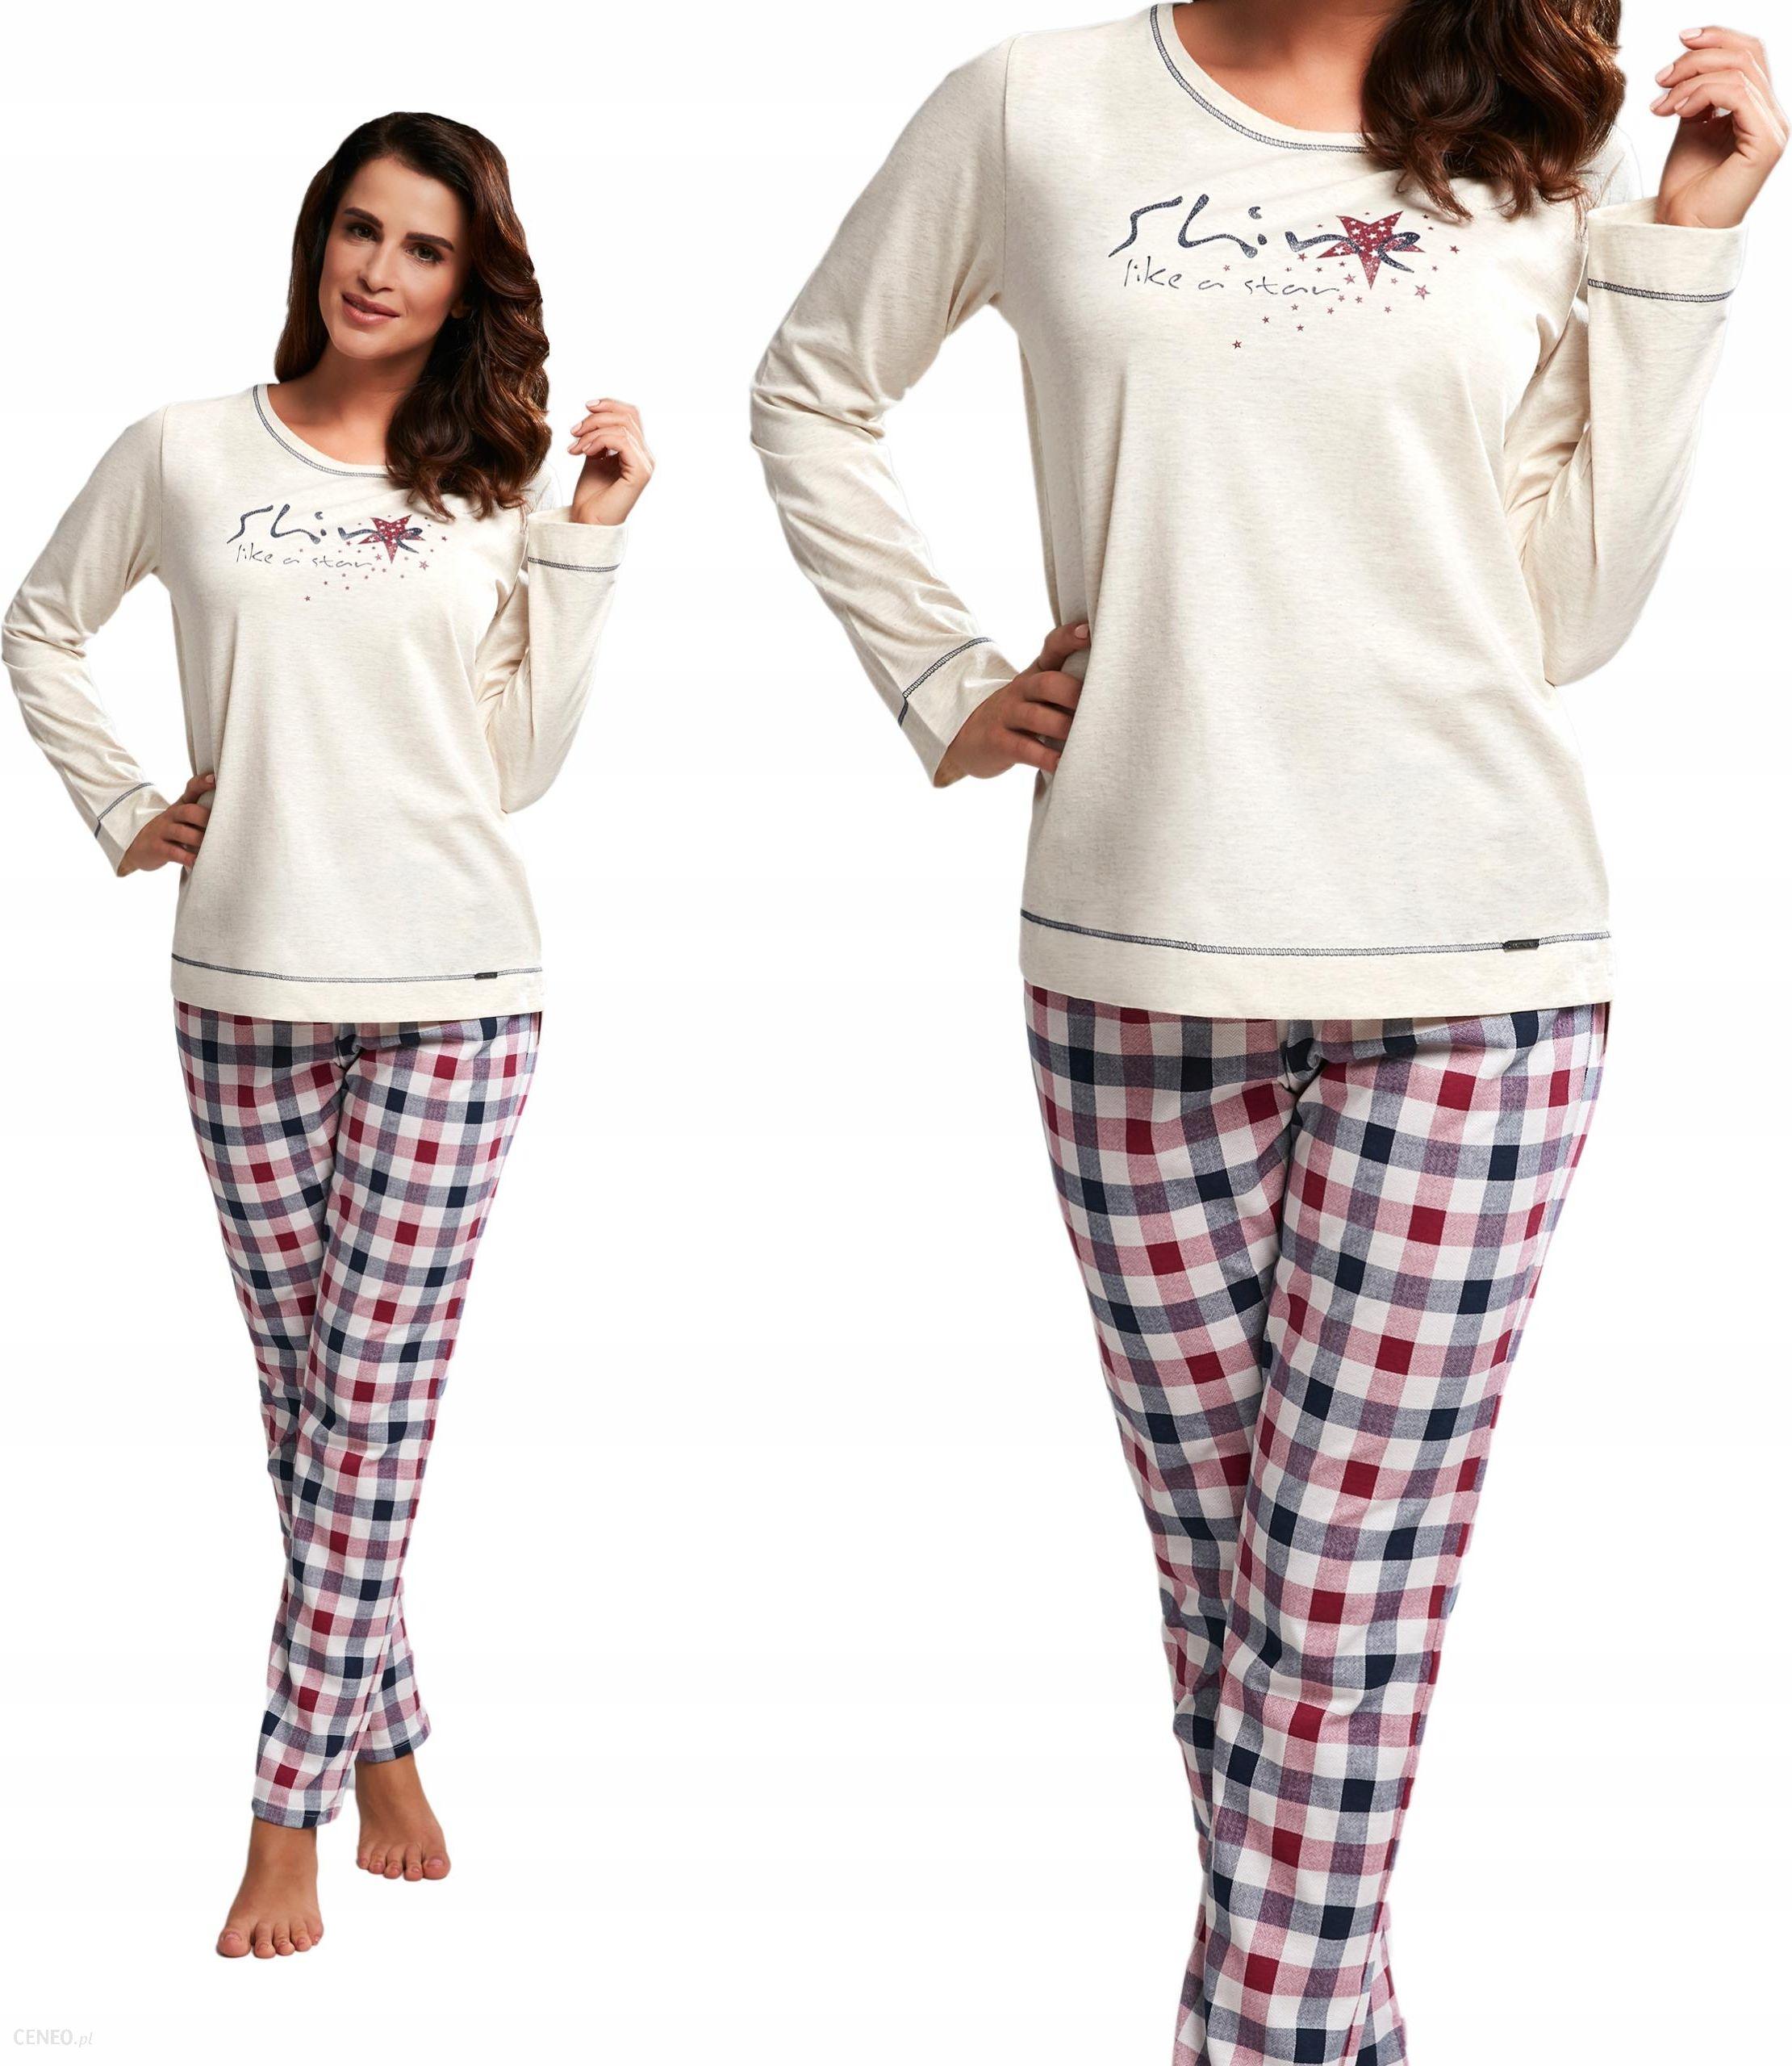 fdeac8f6f13ee5 Cornette piżama damska 655/163 SHINE XXL - Ceny i opinie - Ceneo.pl